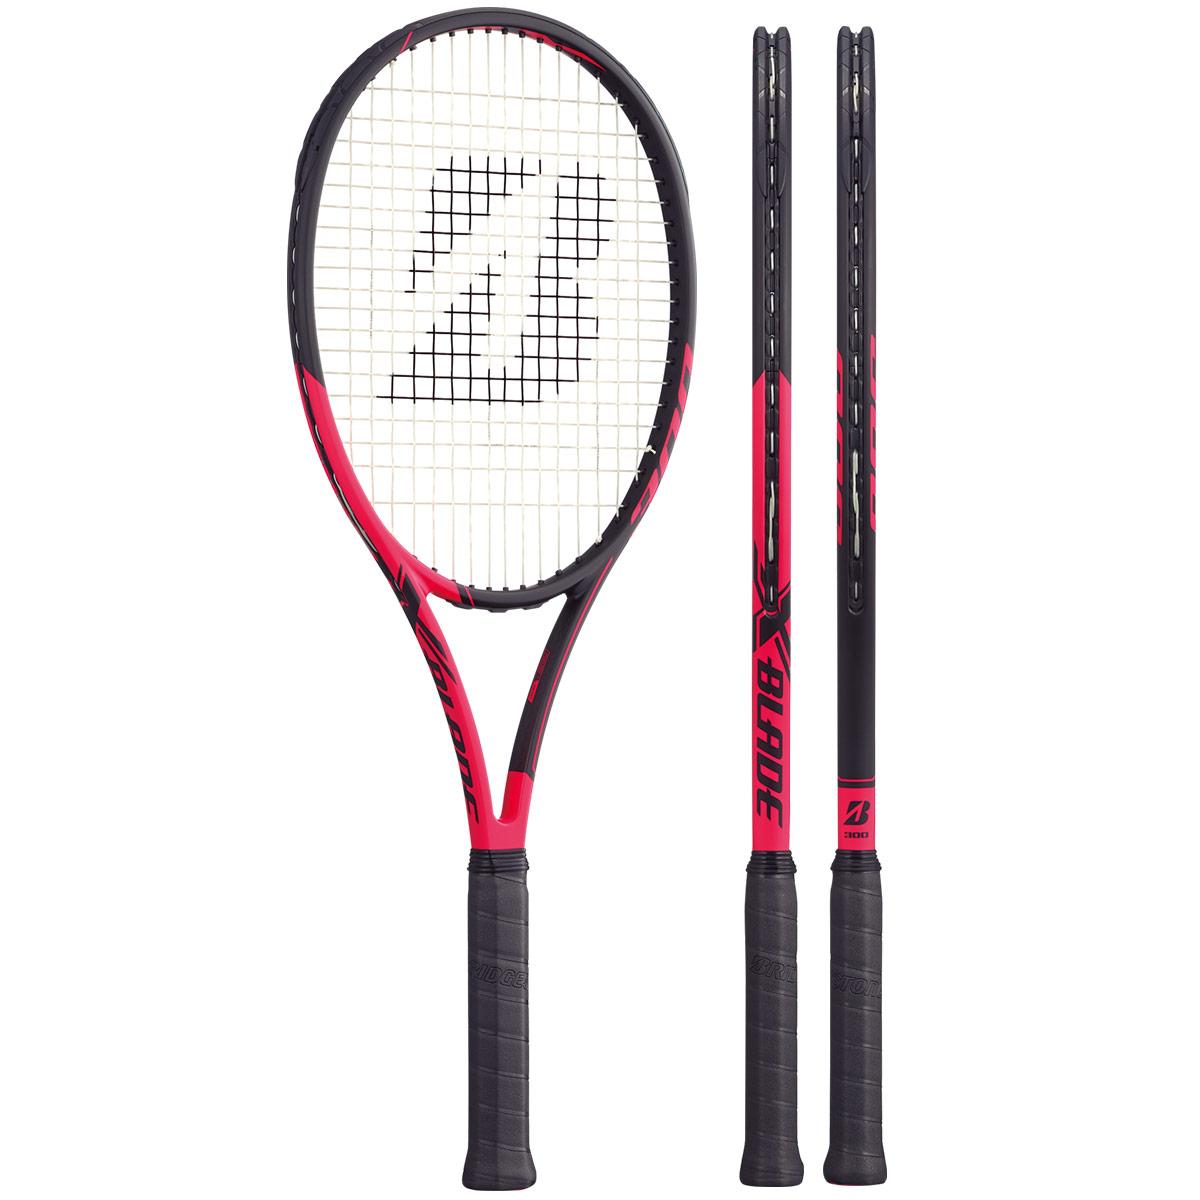 ブリヂストン BRIDGESTONE 硬式テニスラケット X-BLADE BX 300 エックスブレード ビーエックス 300 BRABX2 【Tシャツまたはサコッシュプレゼント】